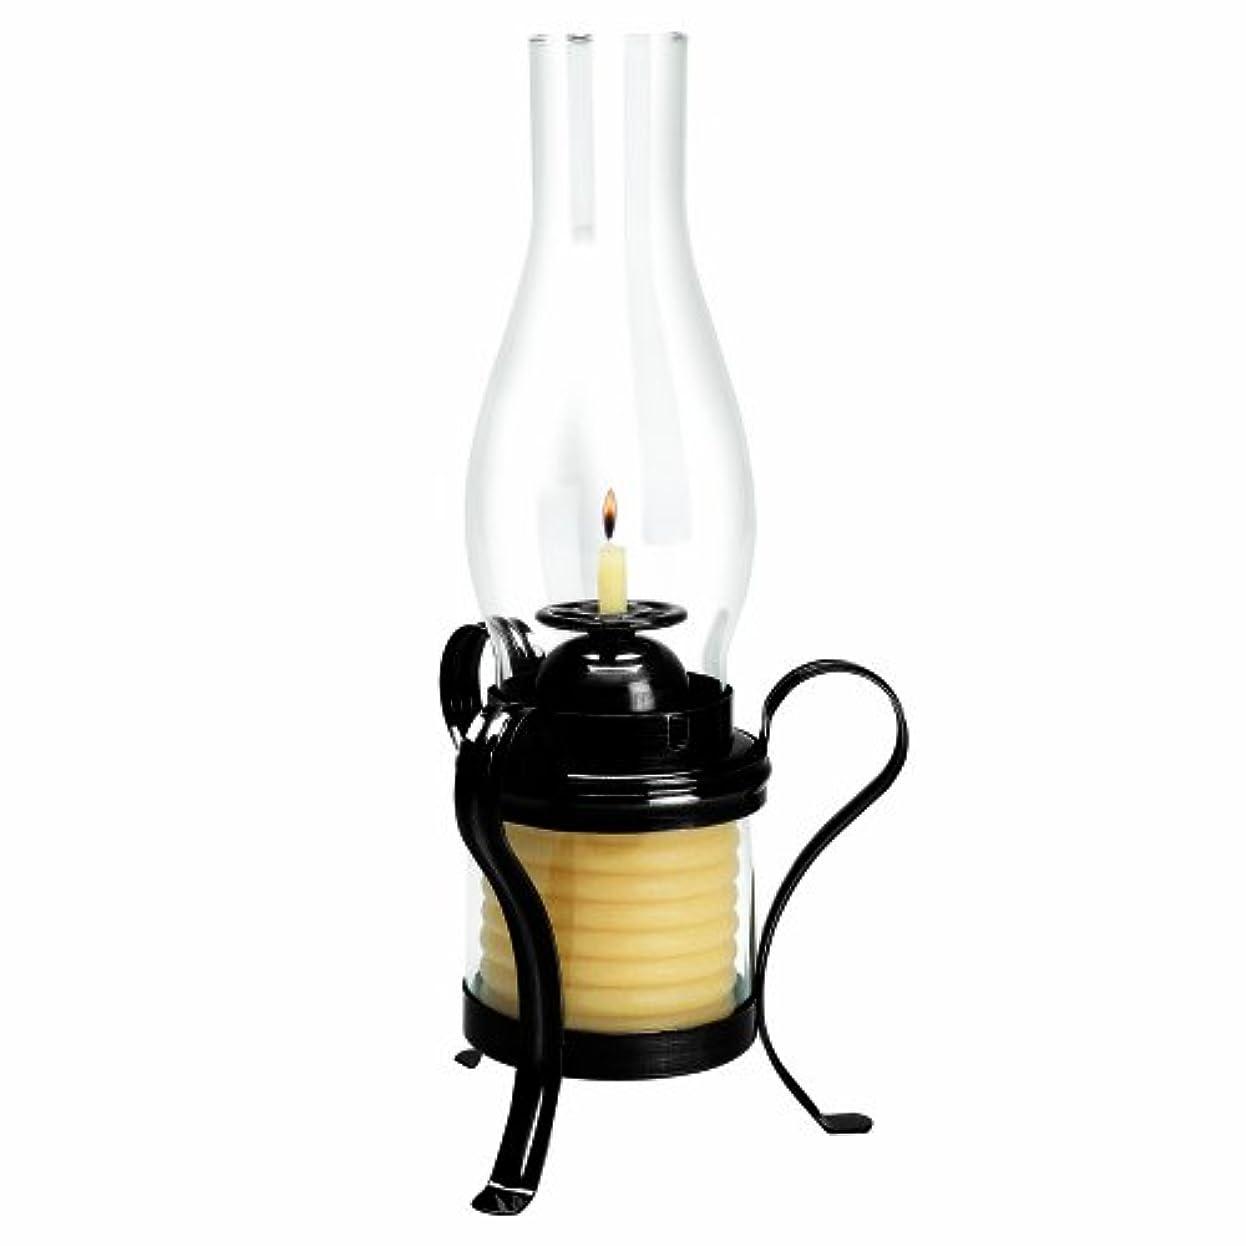 花瓶リーガン玉ハリケーンランプで時間20625B 40時間コイルキャンドルことでキャンドル - ブラック